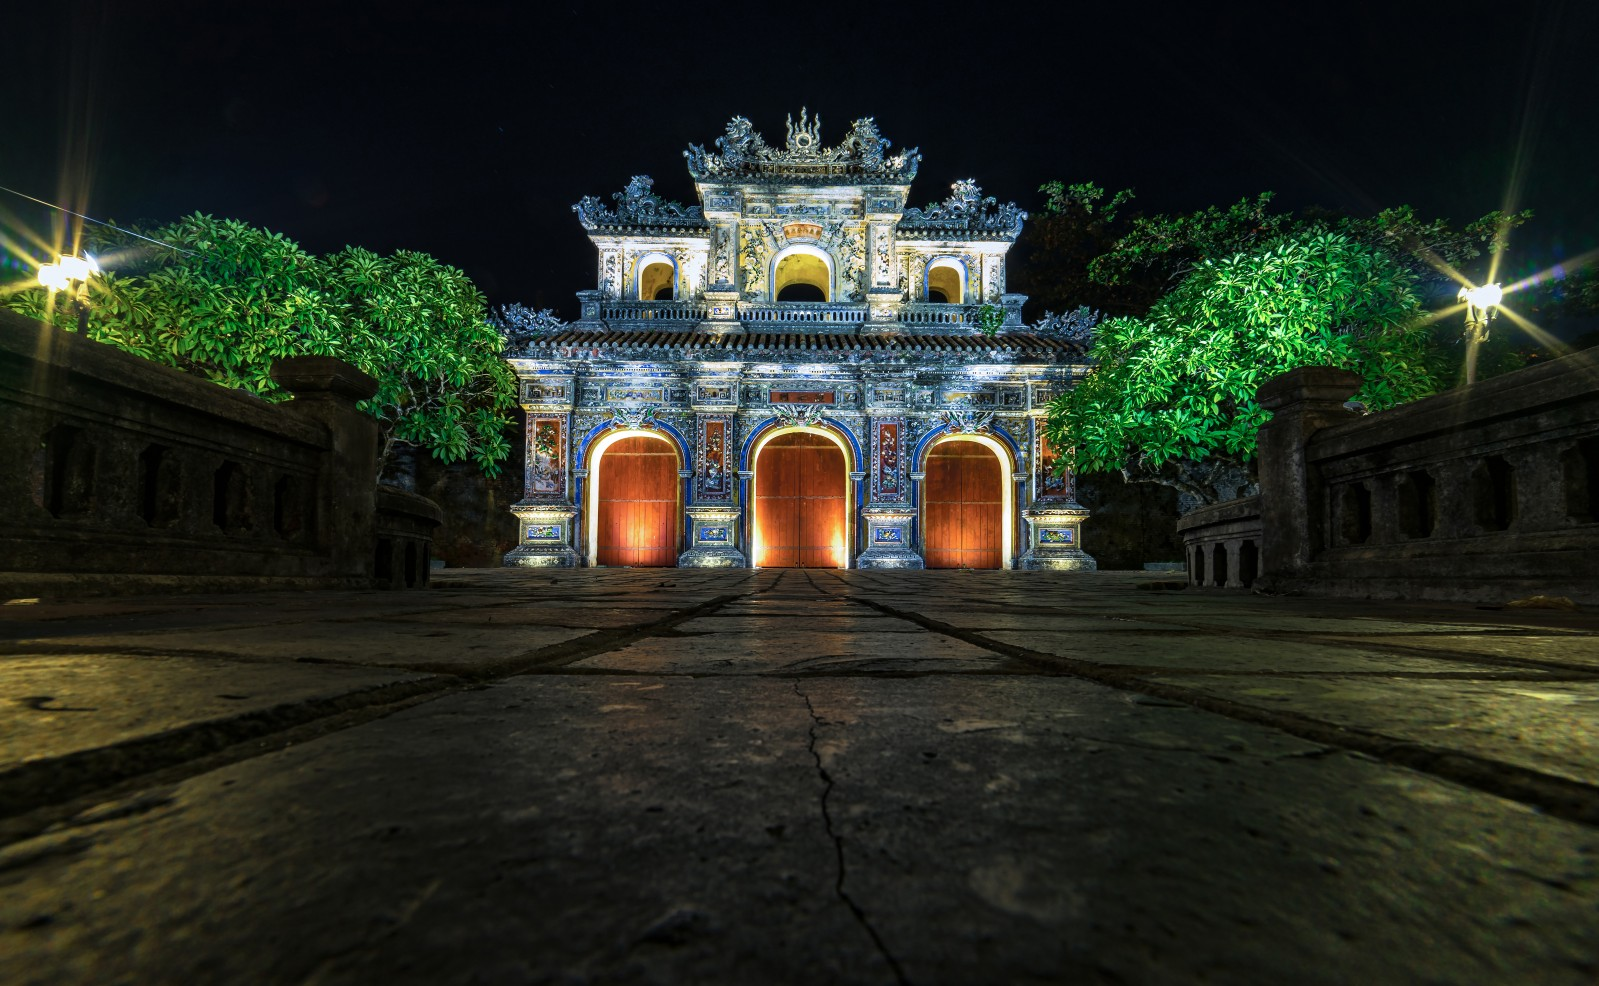 Cánh cổng hòa bình vào ban đêm lối ra của khách du lịch khi tham quan đại nội.